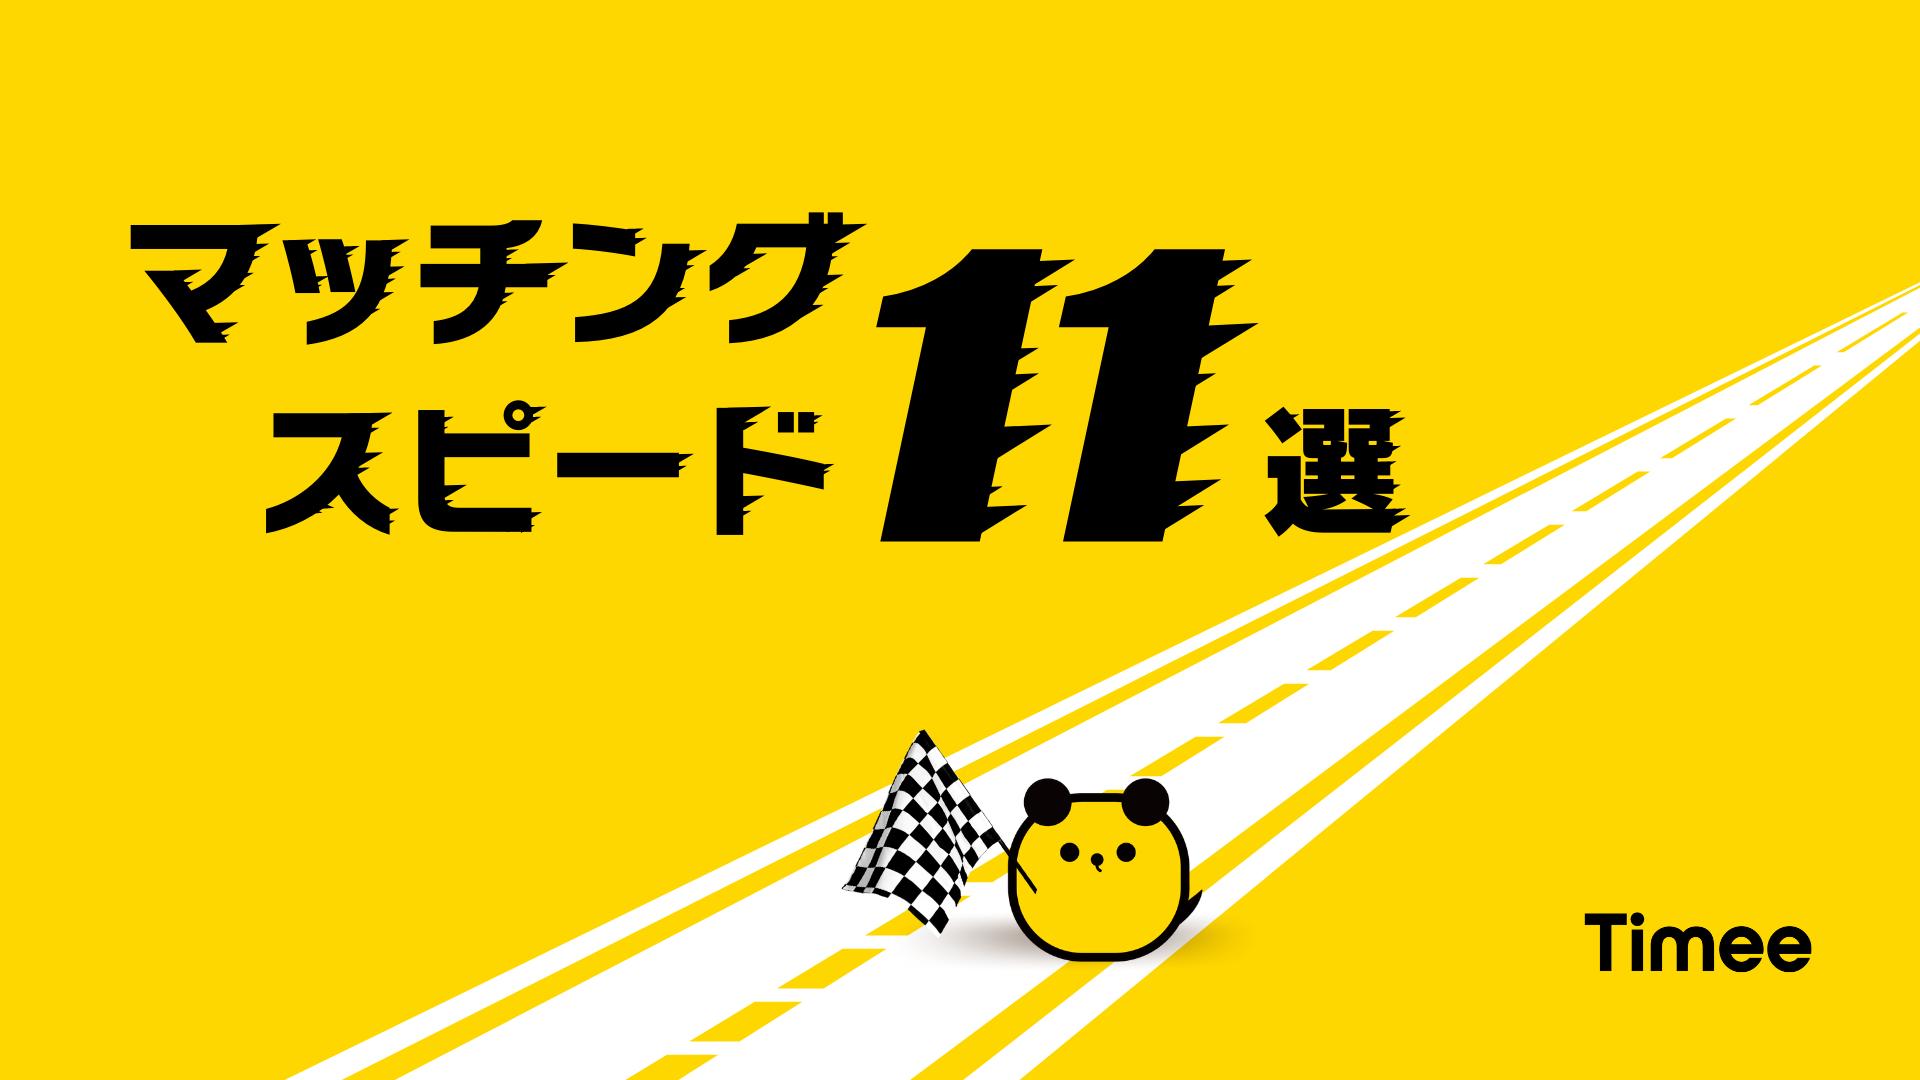 マッチングスピード11選